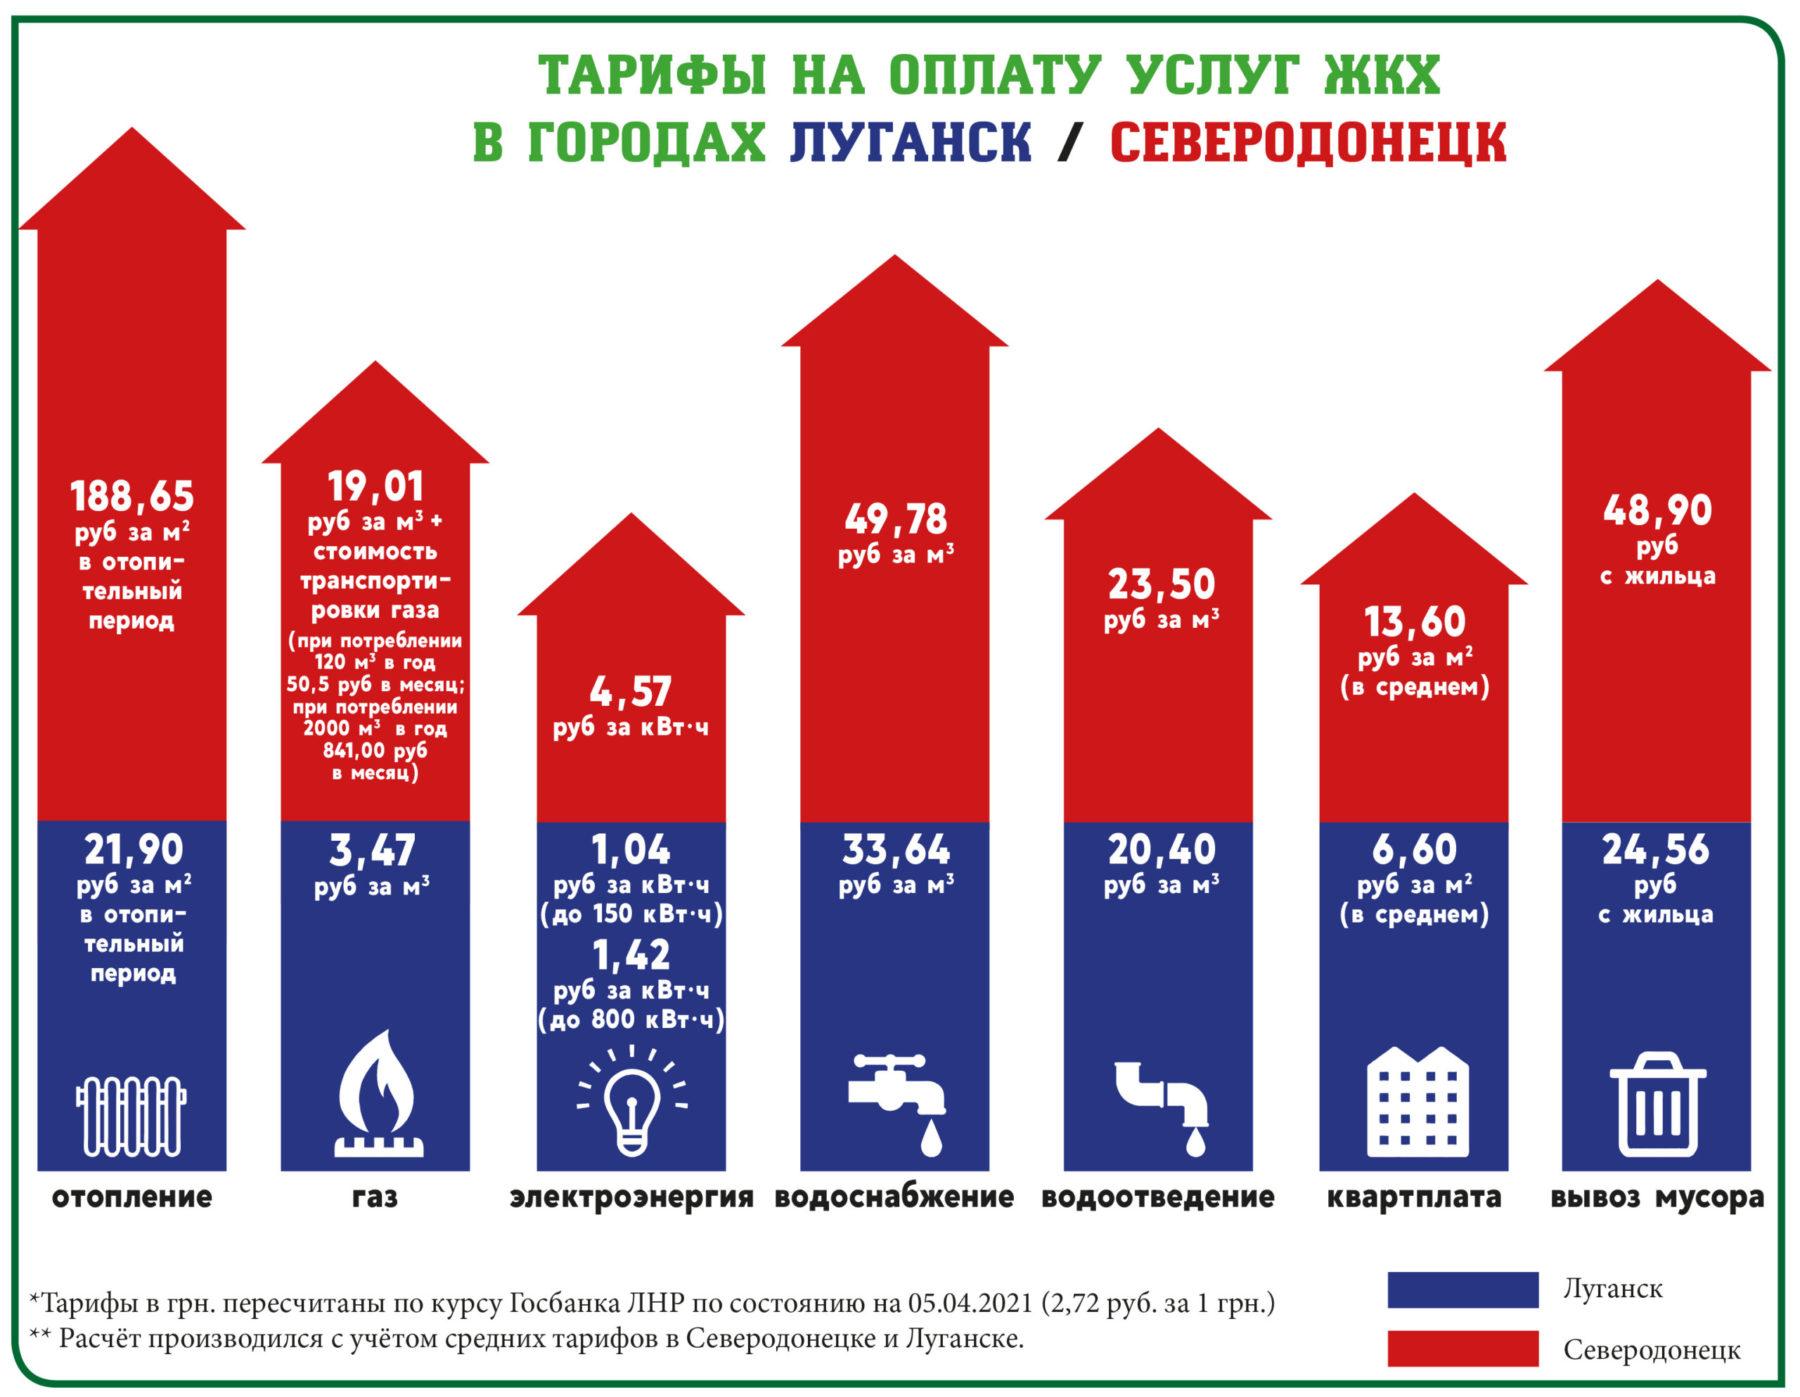 Кто платит за услуги ЖКХ больше: Луганск или Северодонецк? (инфографика)